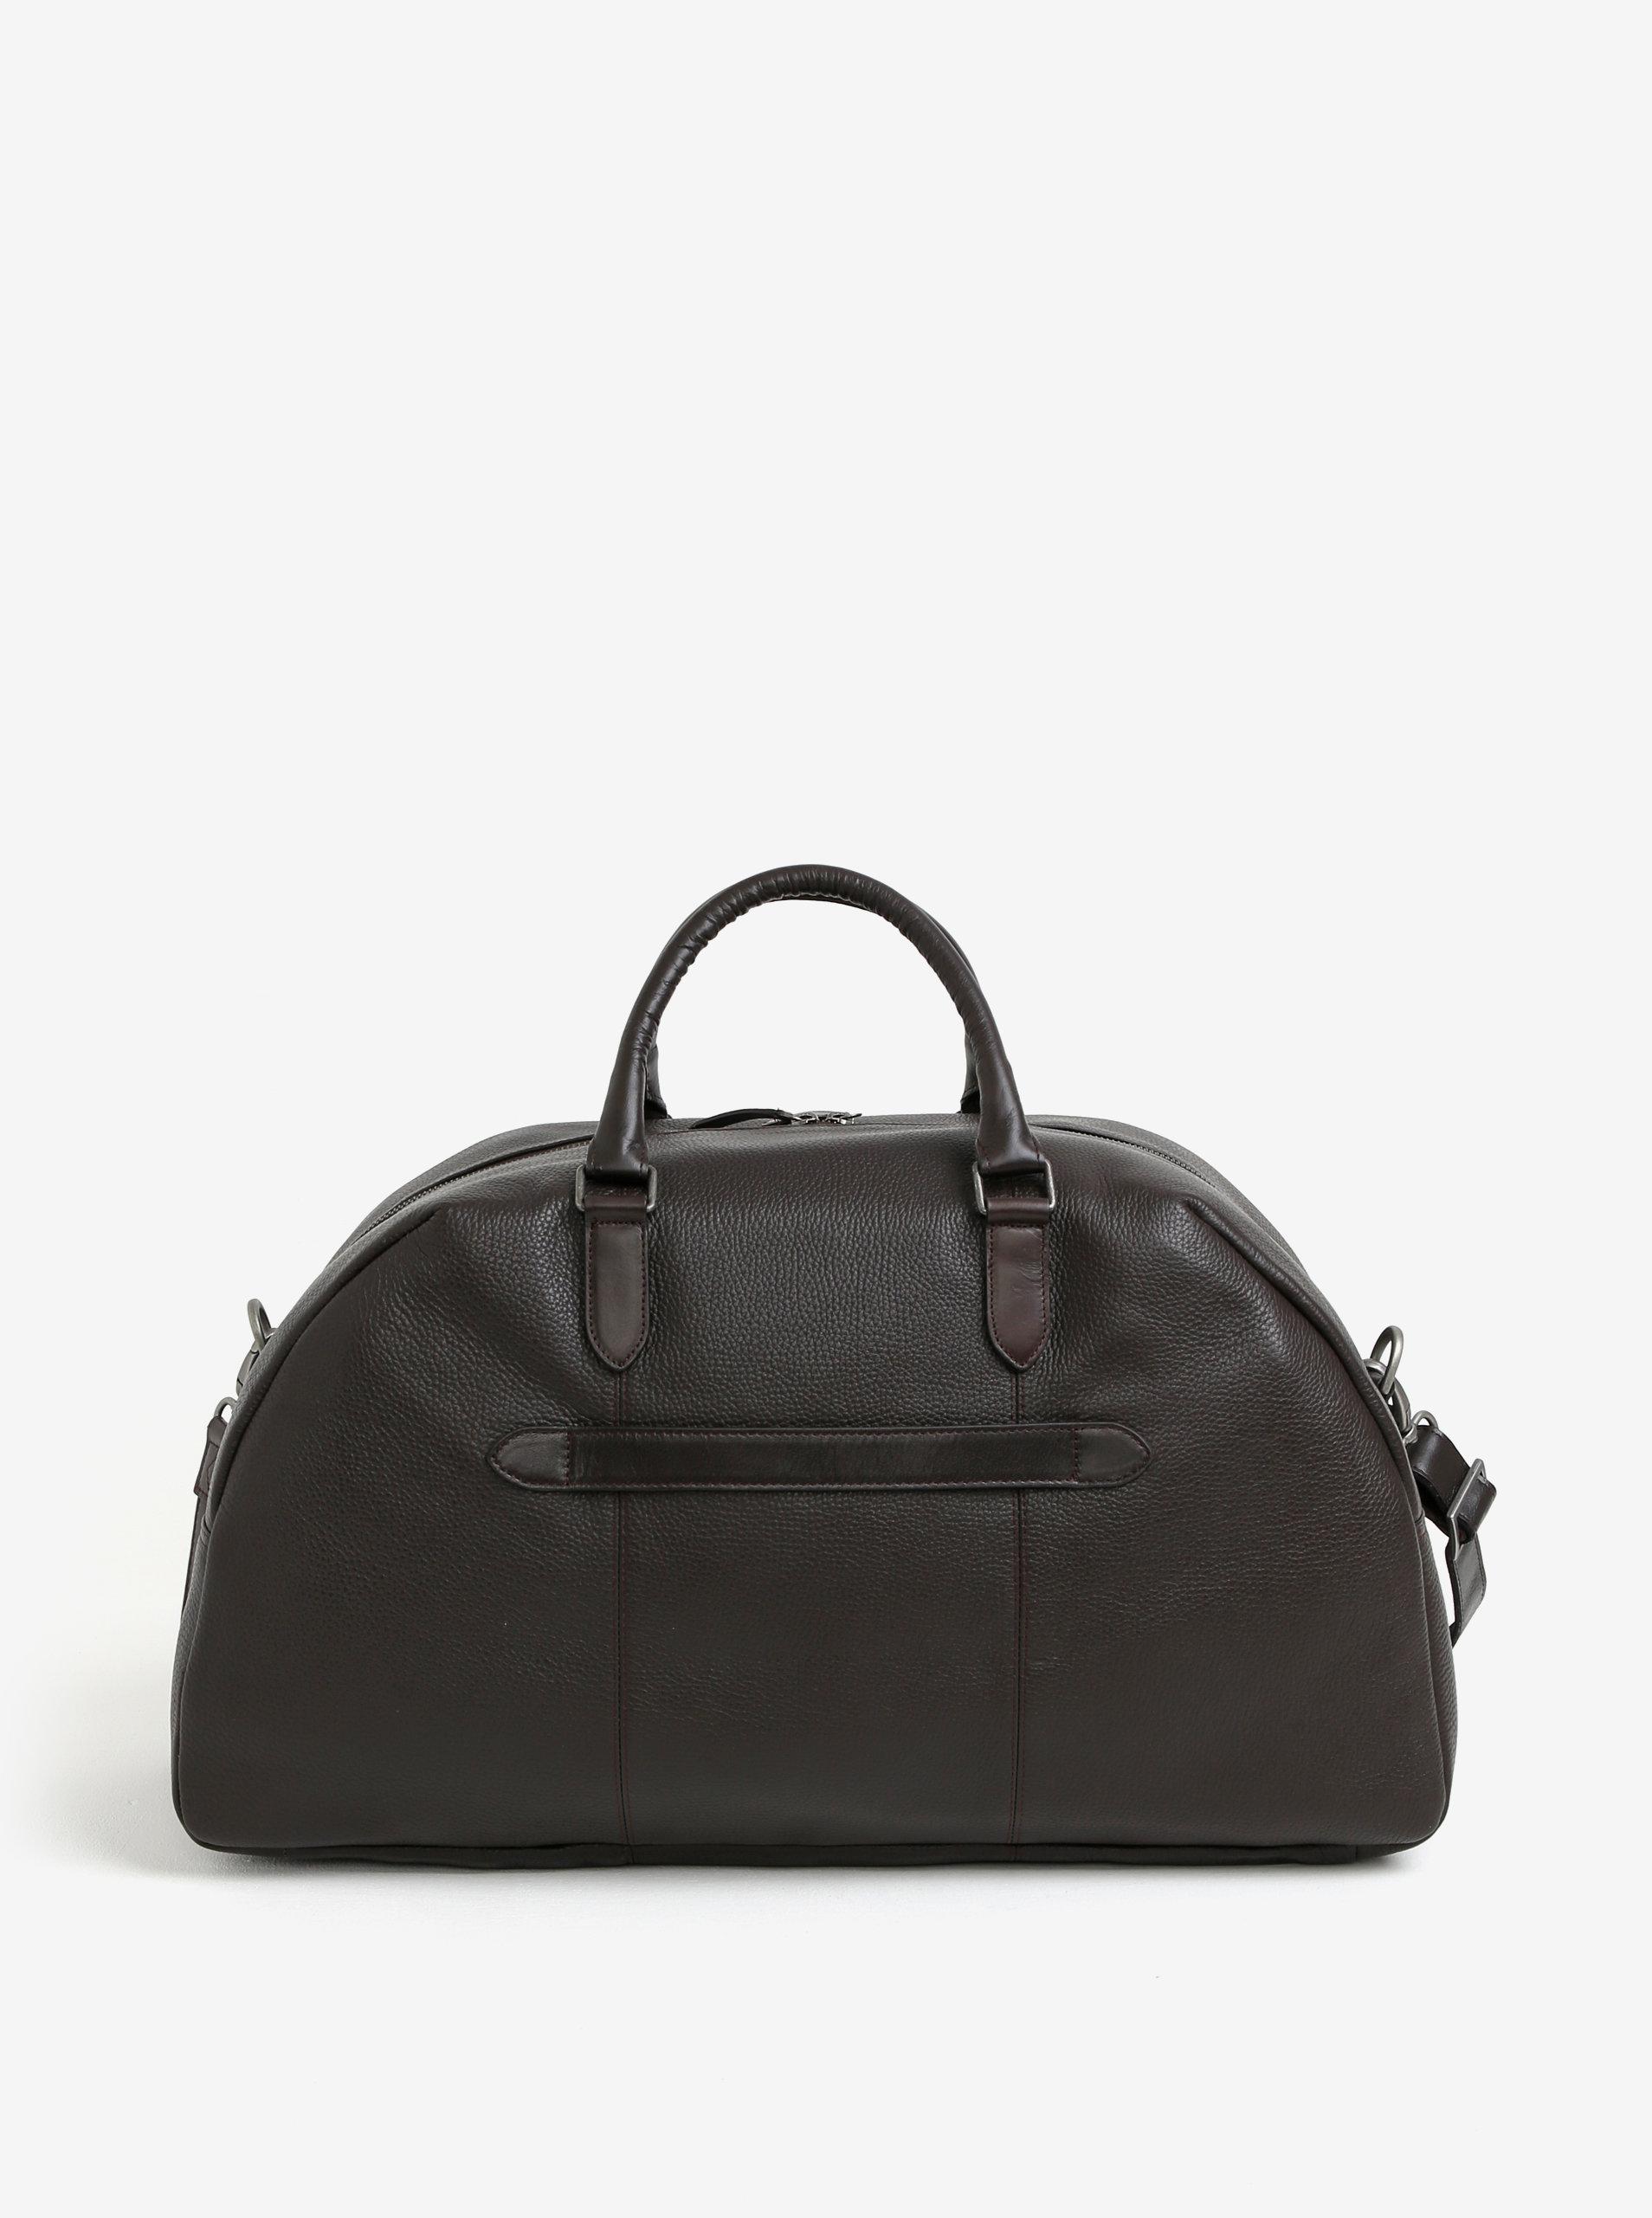 886c236888 Hnedá pánska kožená cestovná taška Royal RepubliQ Omega ...